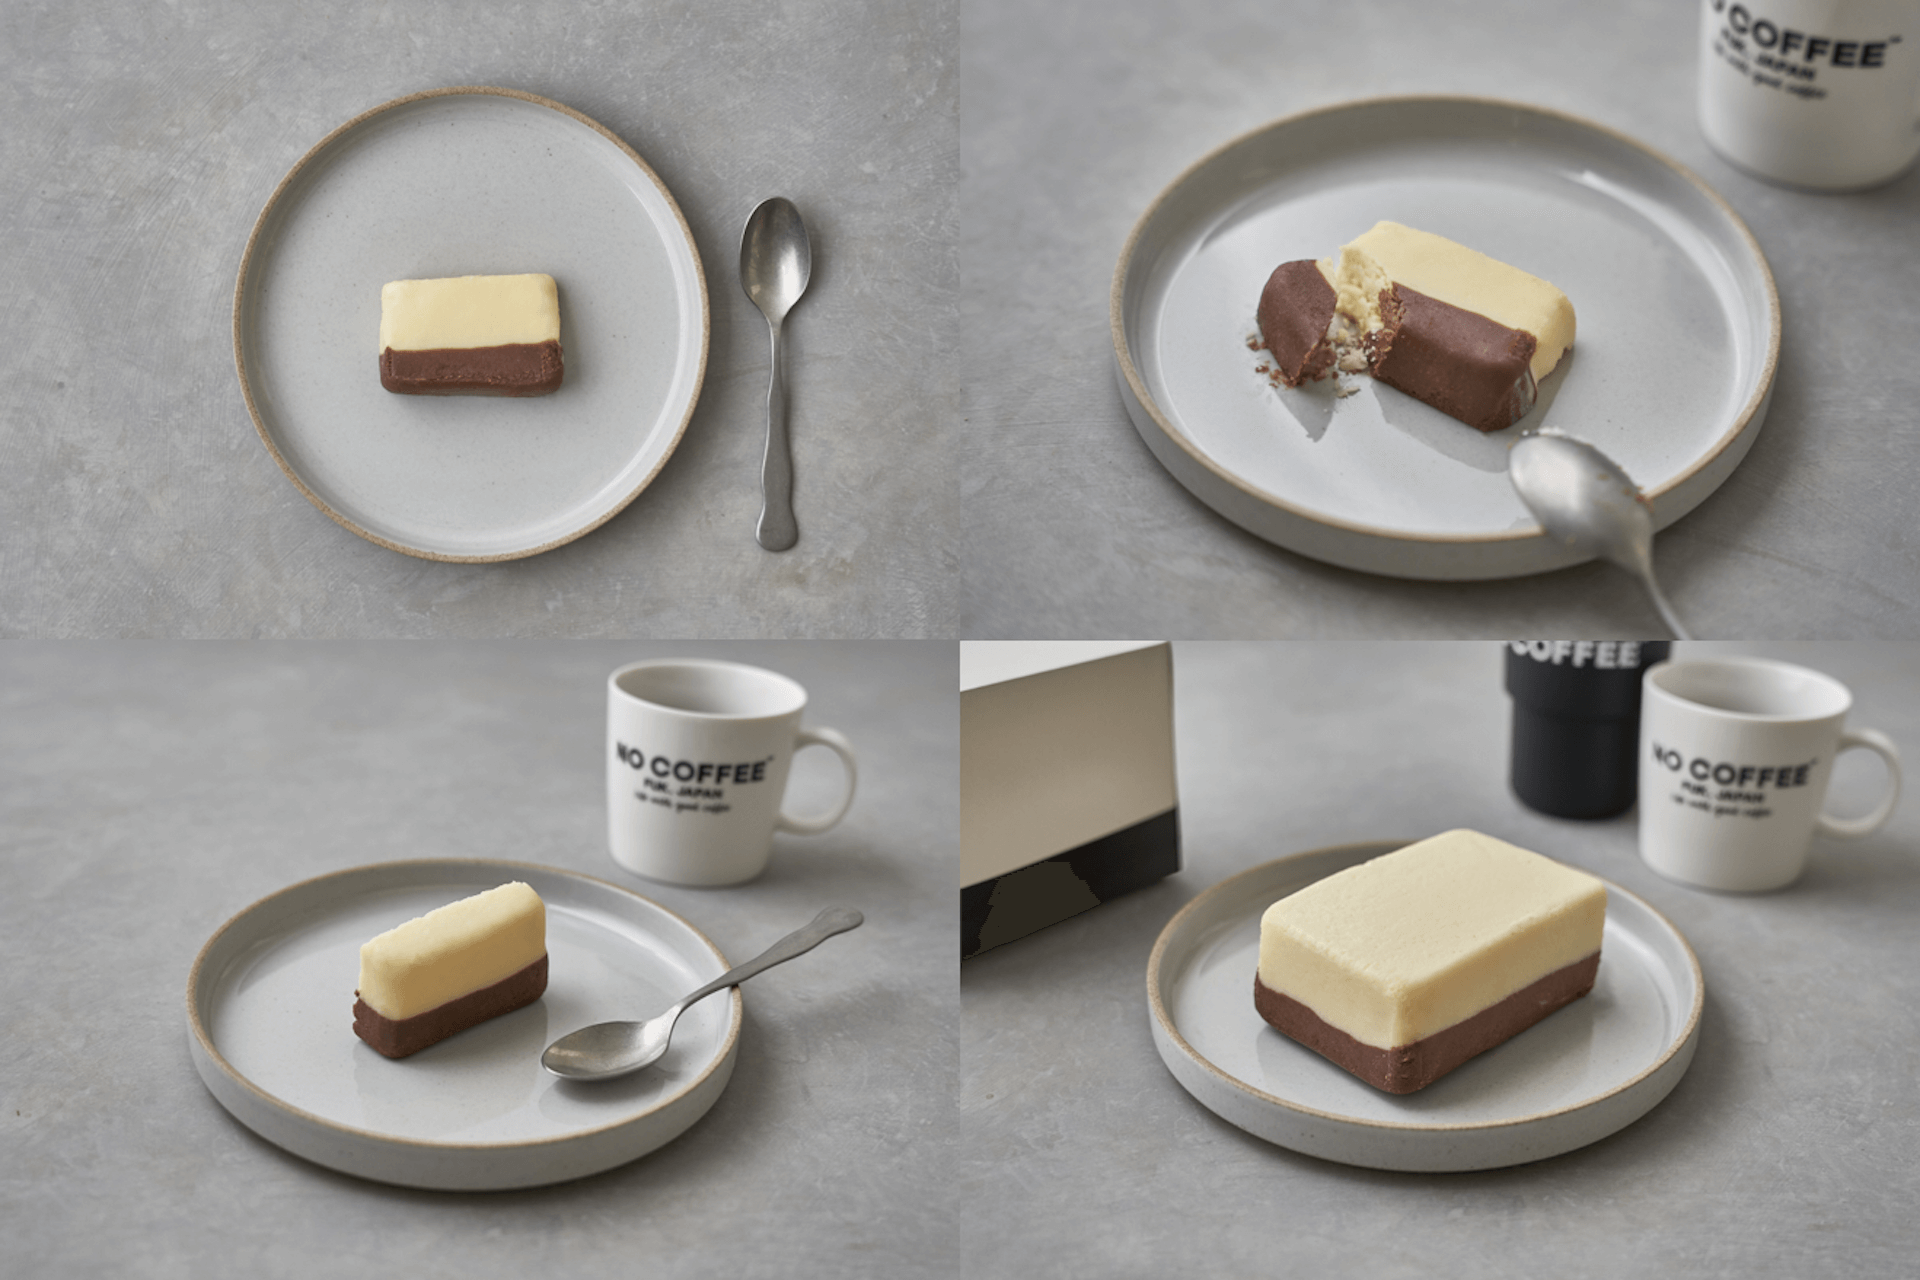 濃厚なチーズとチョコのバイカラーケーキ!NO COFFEEと旅するチーズケーキのコラボスイーツ『NO CHEESECAKE』が発売決定 gourmet2020108_nocheesecake_6